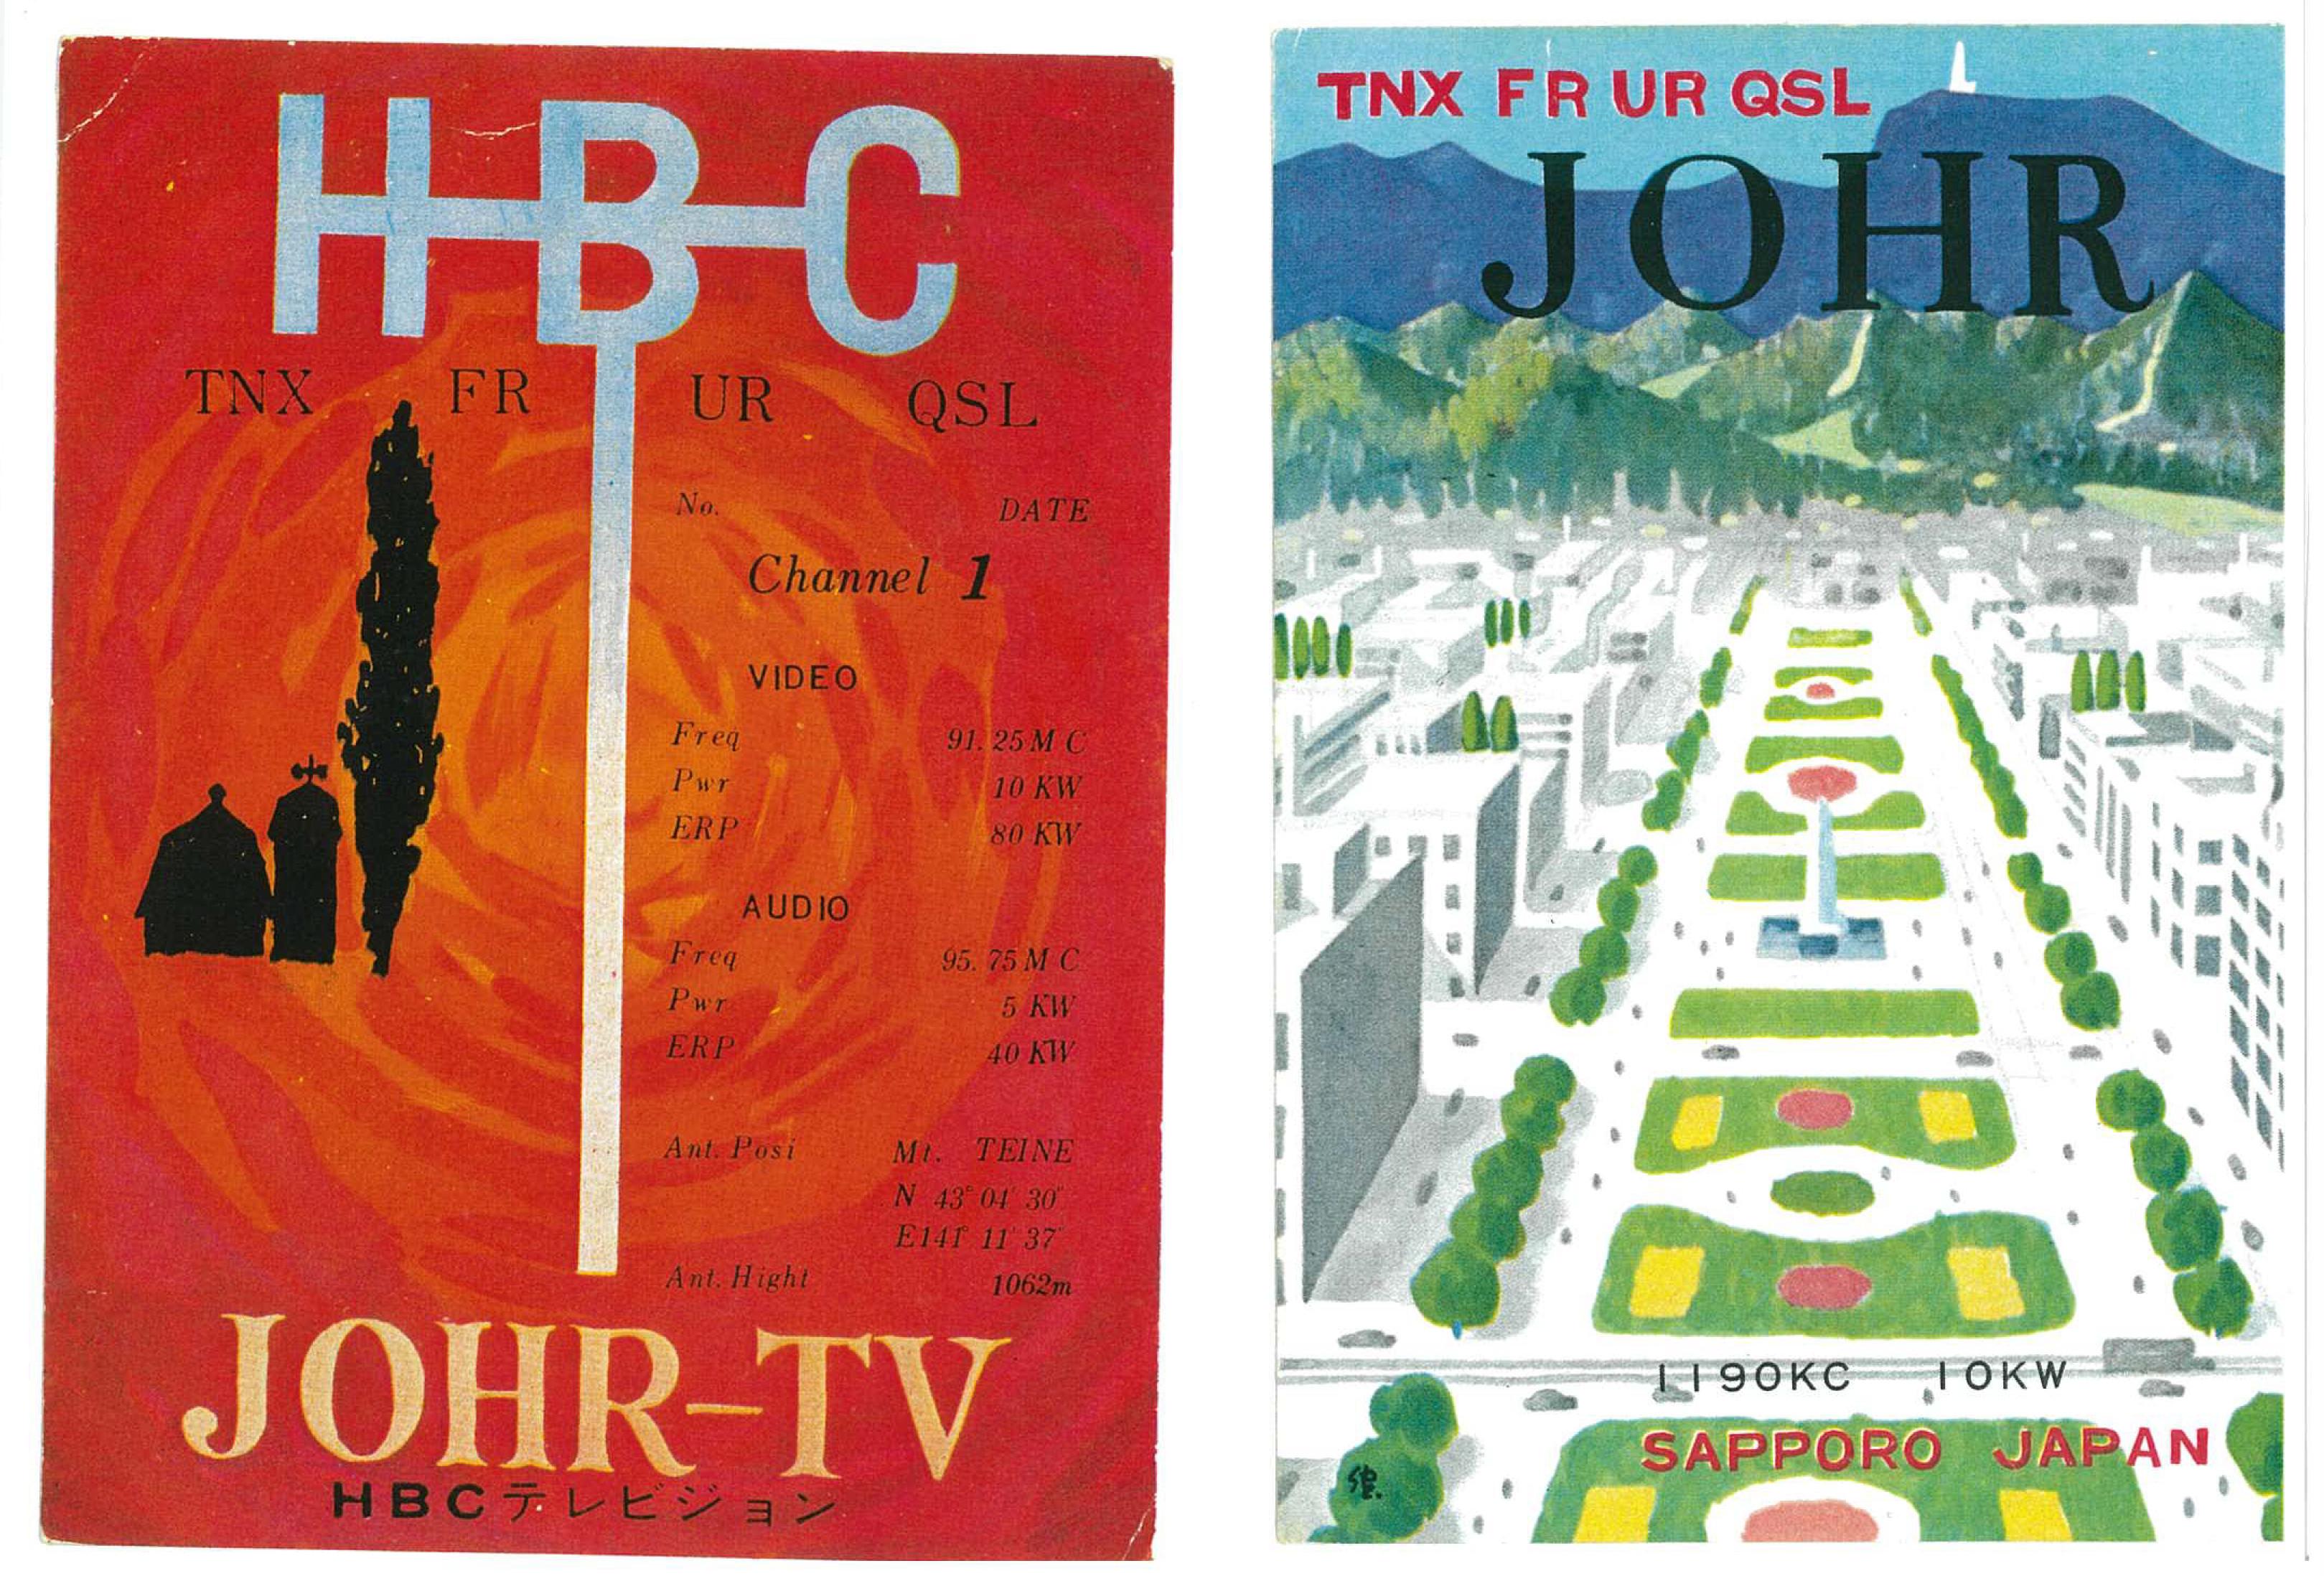 http://www.joqr.co.jp/hama-story/%E3%83%9D%E3%82%B9%E3%83%88%E3%82%AB%E3%83%BC%E3%83%8903.jpg